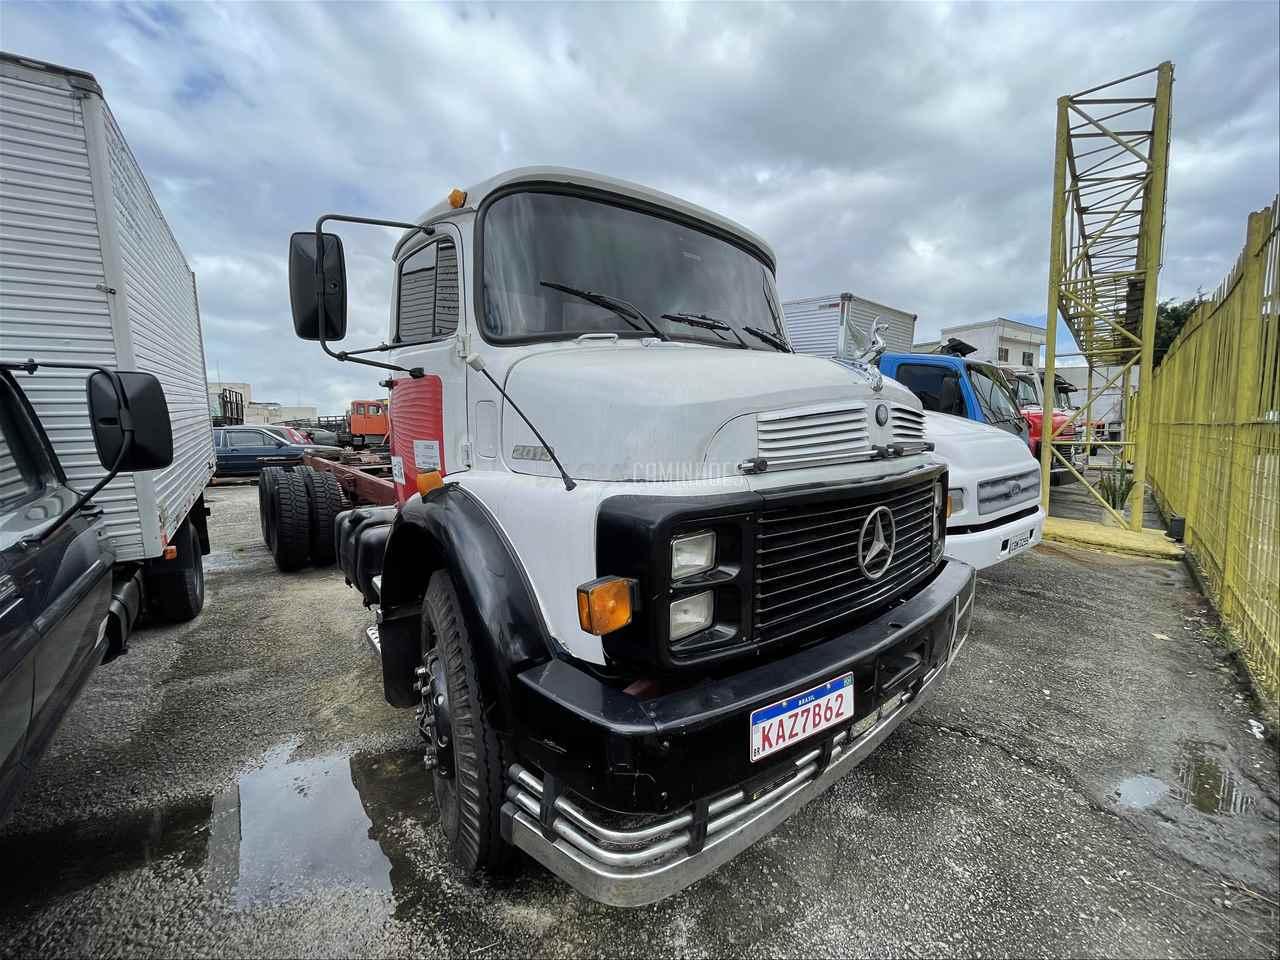 MB 2213 de Jacuí Caminhões - GUARULHOS/SP